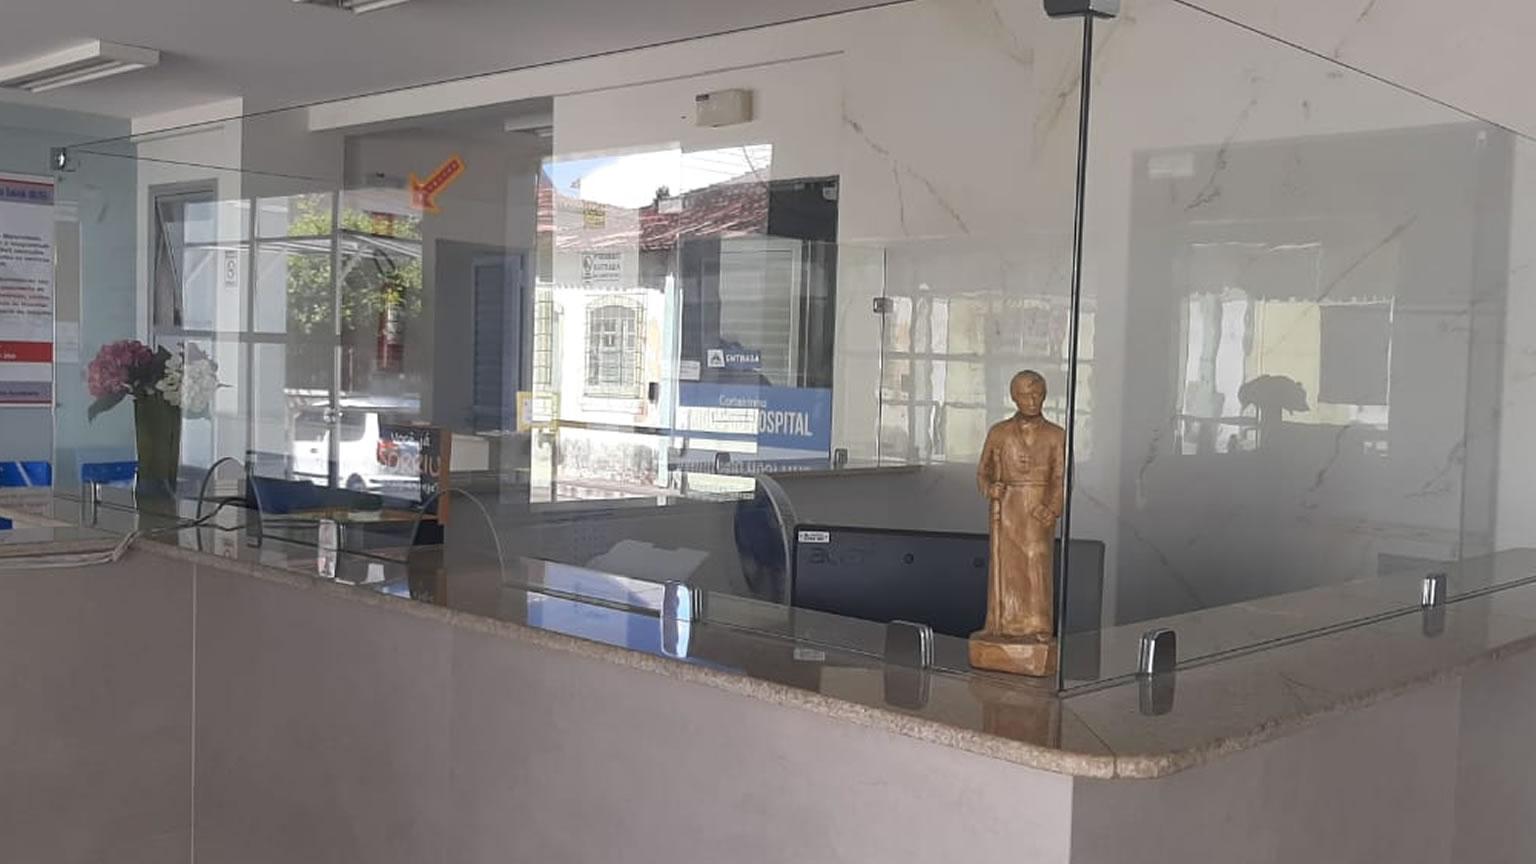 Vidro de proteção é instalado na recepção do hospital